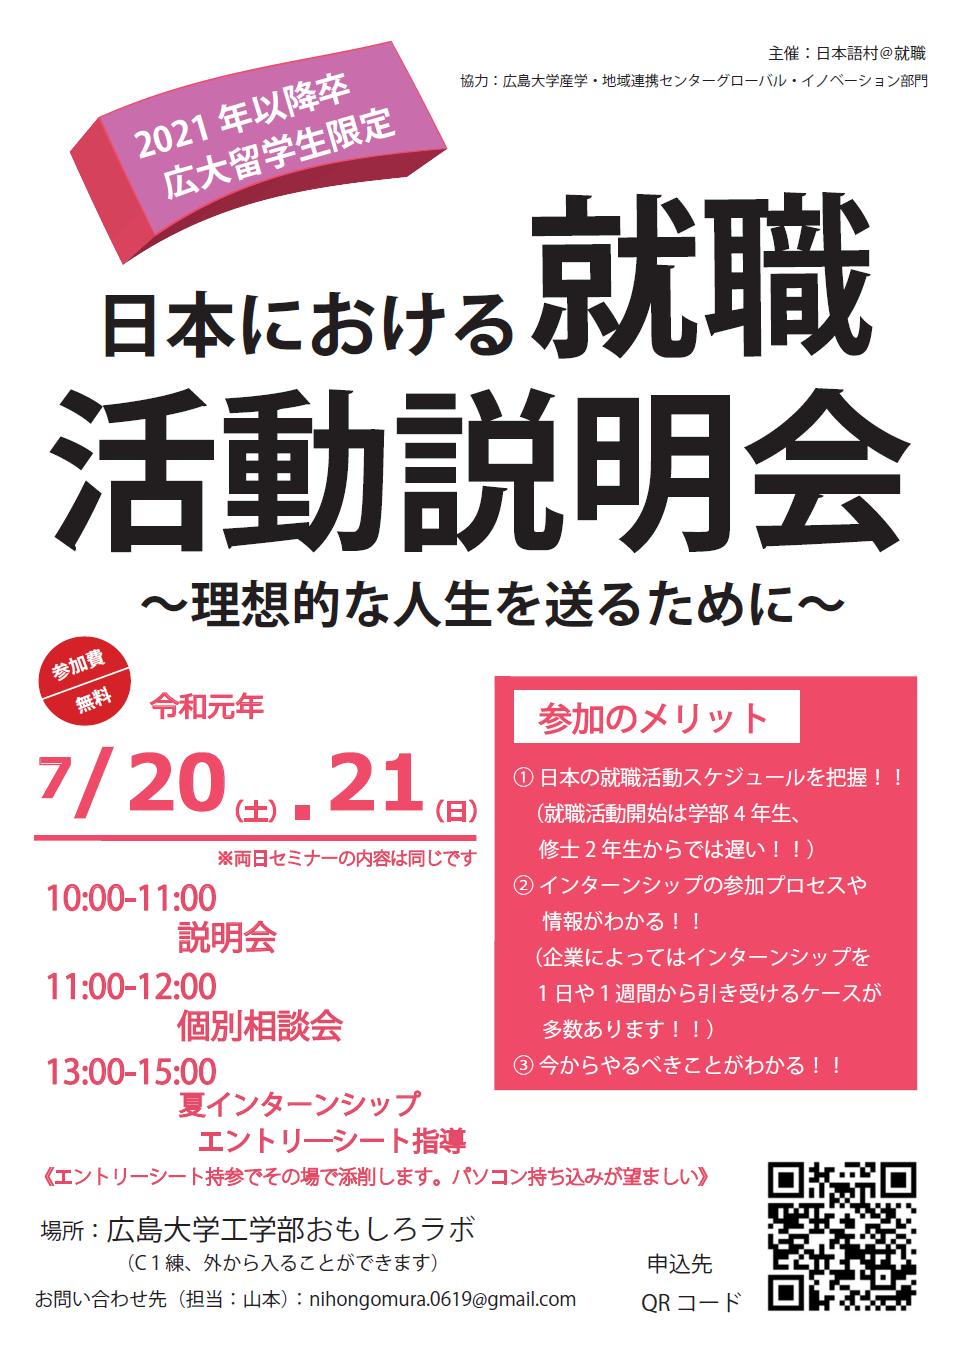 2021年 以降卒 広大留学生限定 日本における就職活動説明会〜理想的な人生を送るために〜【日本語村@就職】